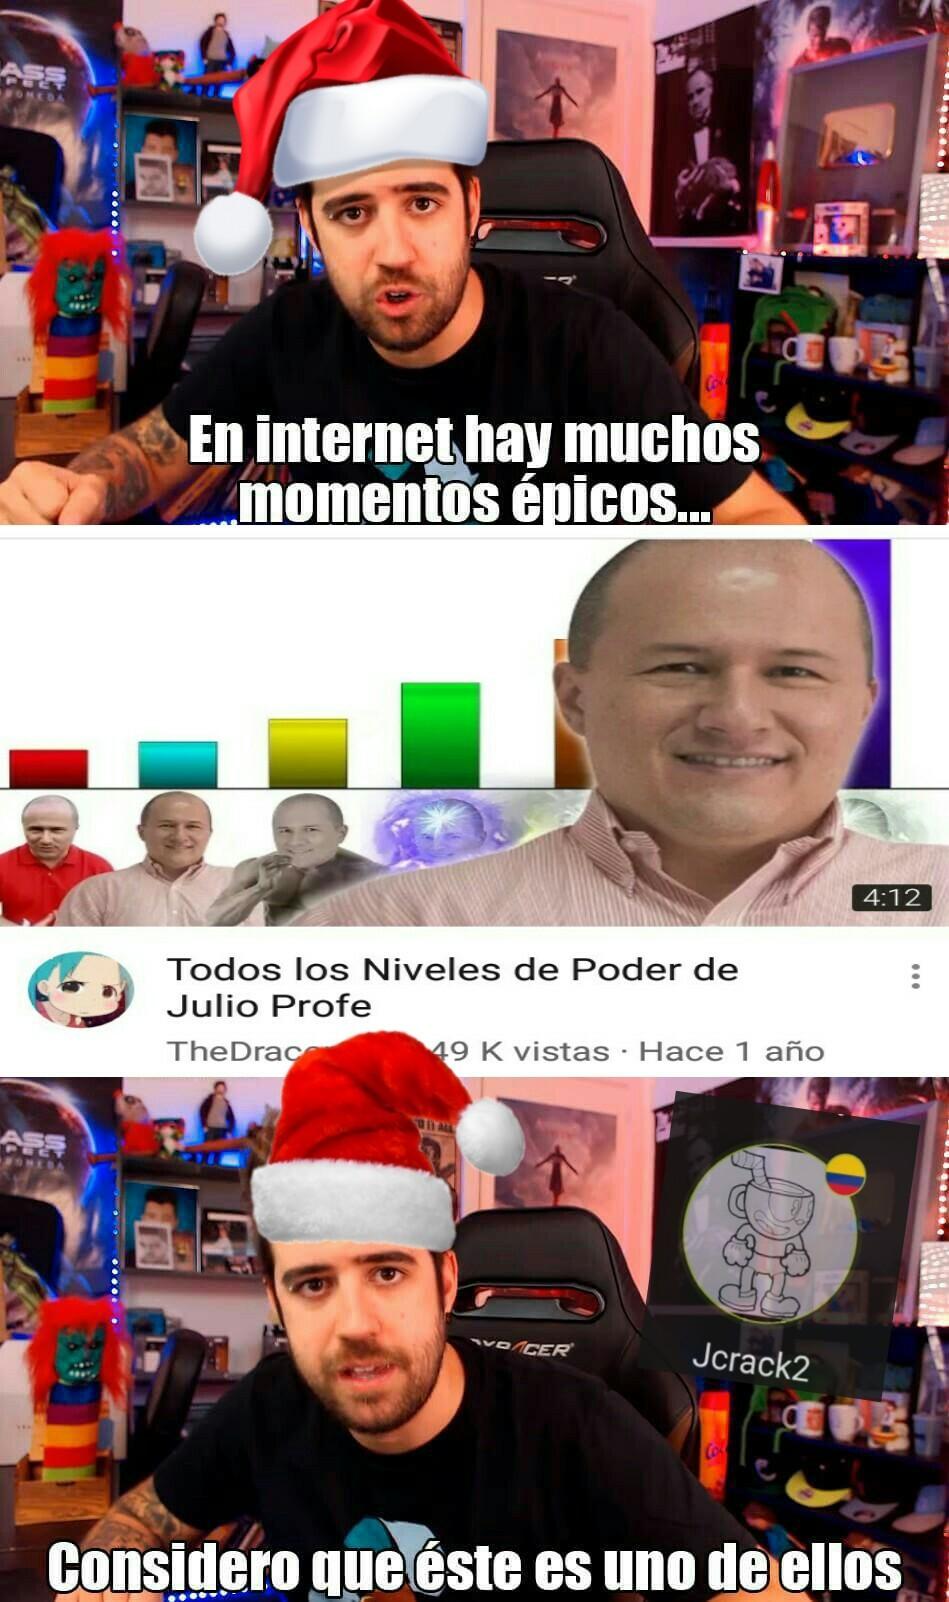 El Salvador de años y sus poderes - meme